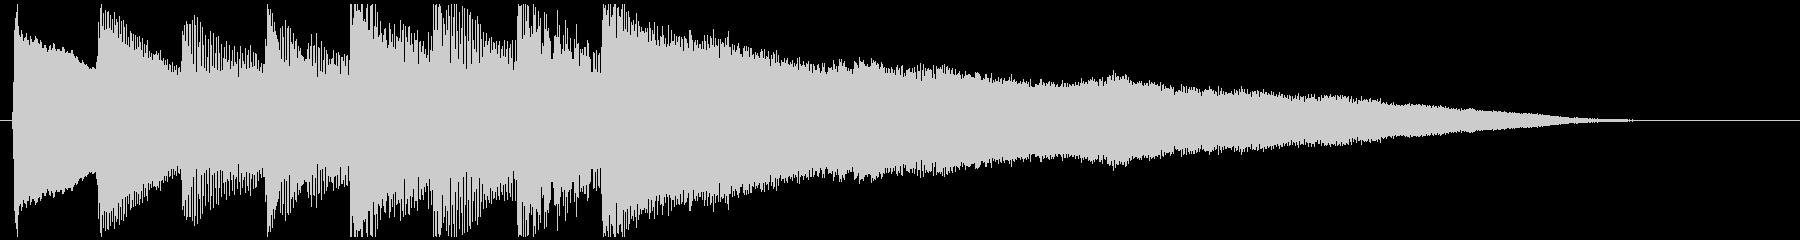 【ジングル/ロゴ】エスニック 鉄琴1の未再生の波形